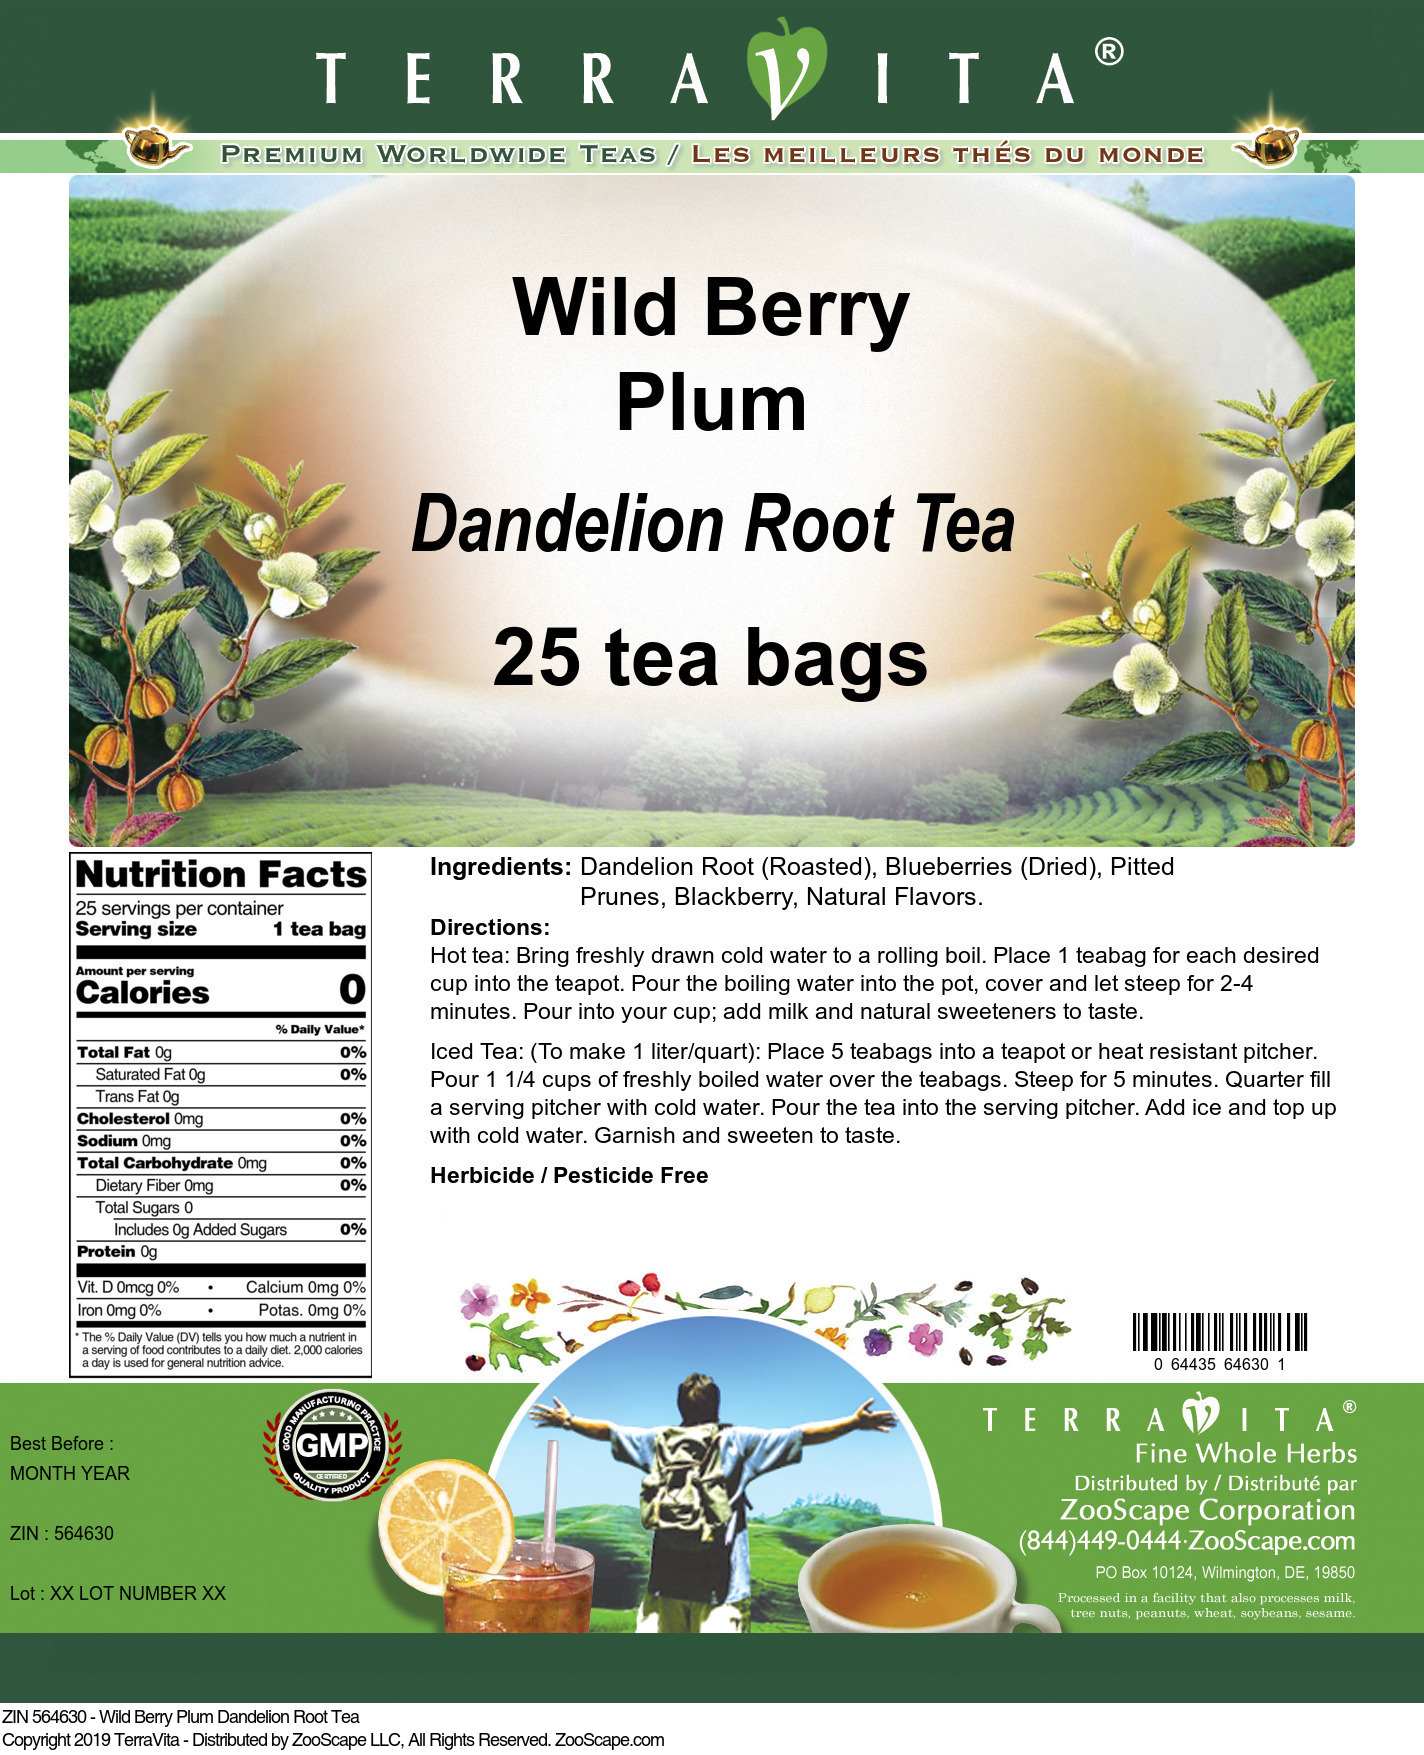 Wild Berry Plum Dandelion Root Tea